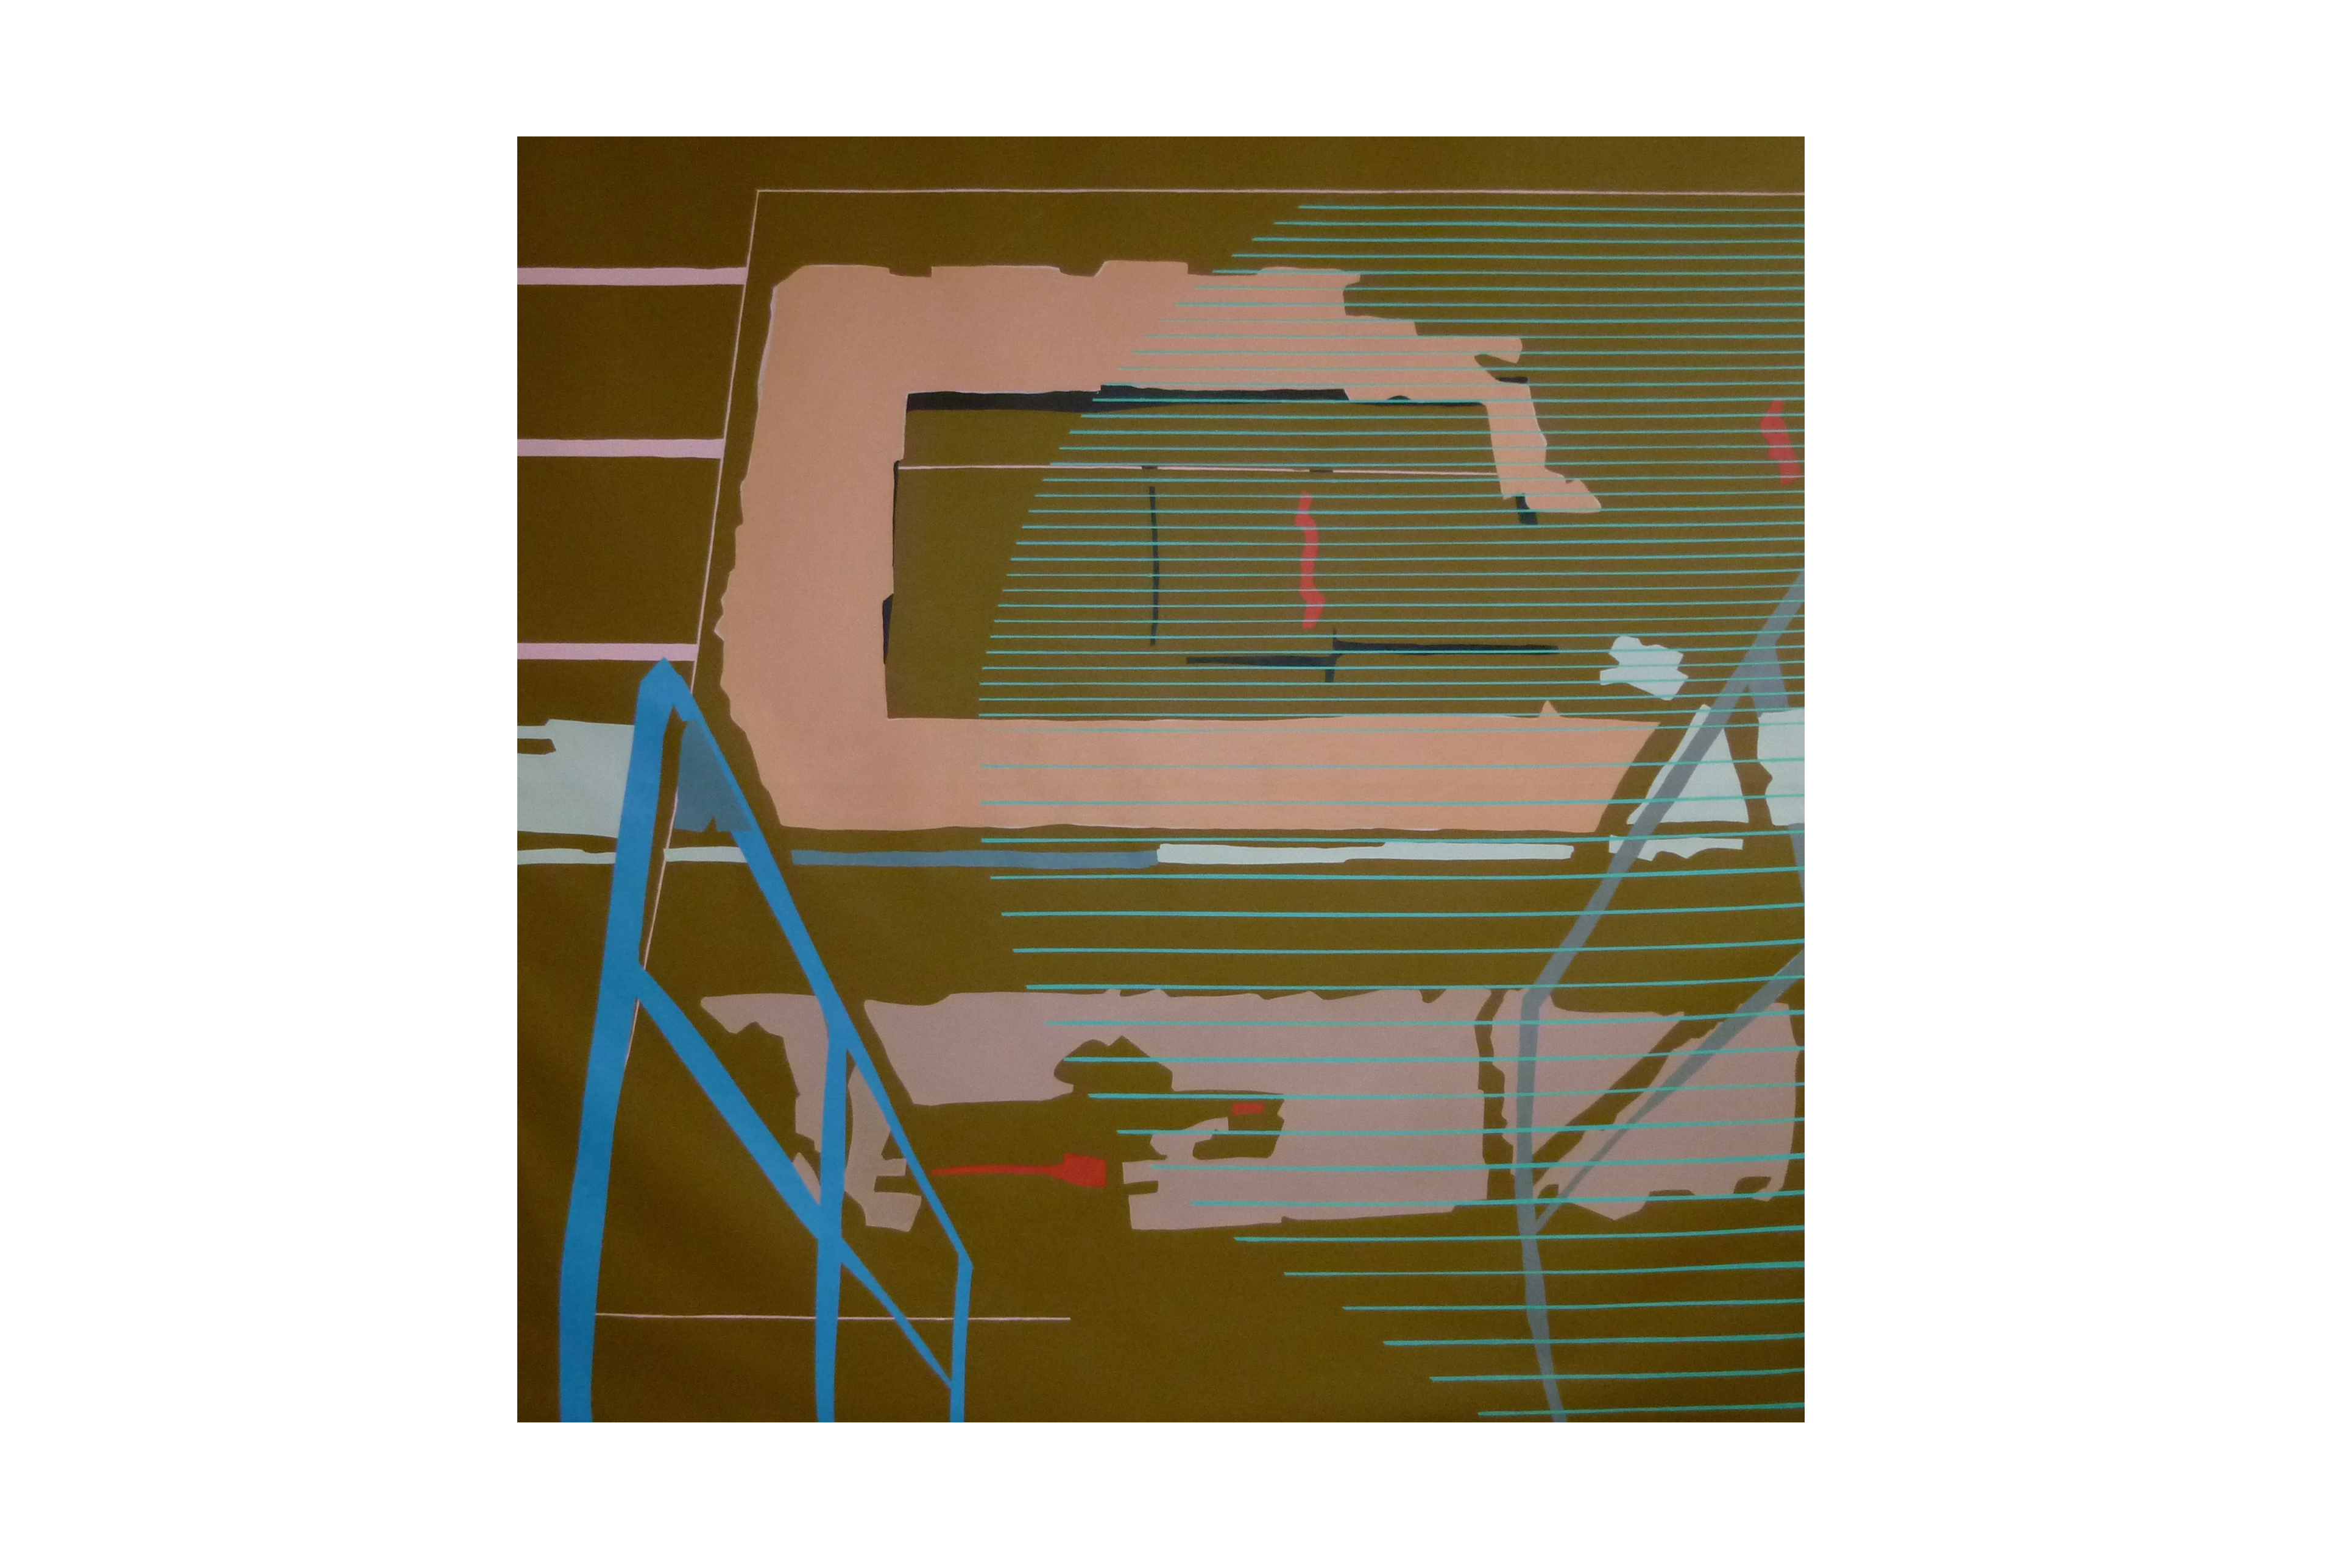 2011 - acryl op linnen 148x142